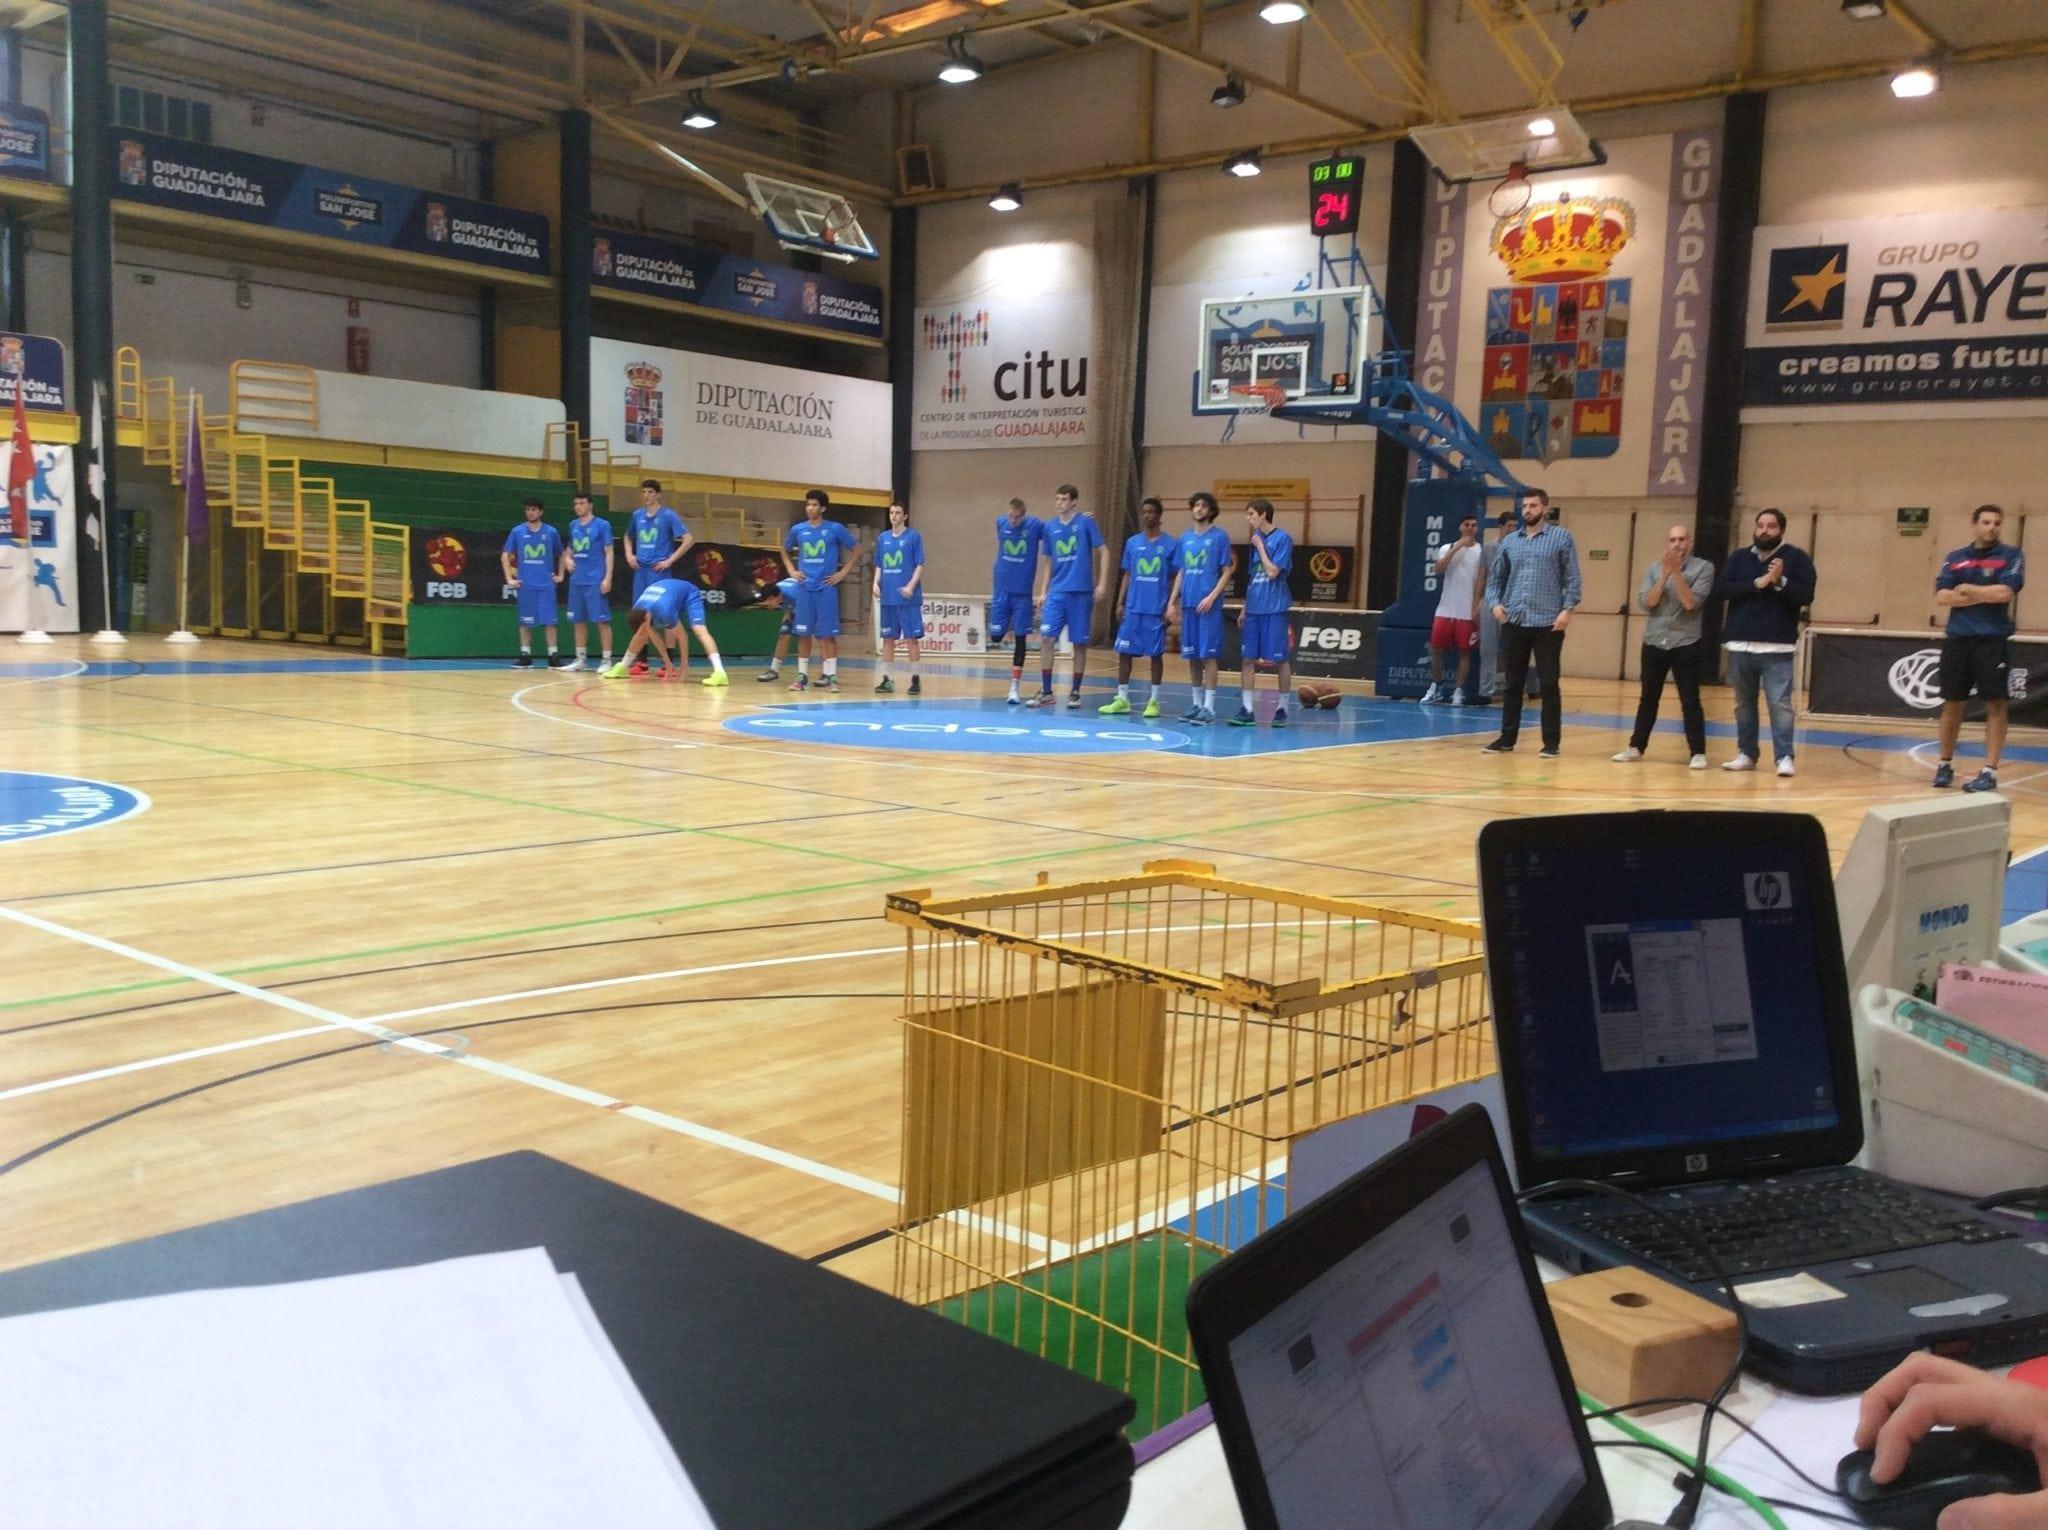 Campeonato de España Junior Masculino: el primer cuarto nos condena en octavos de final (79-83)